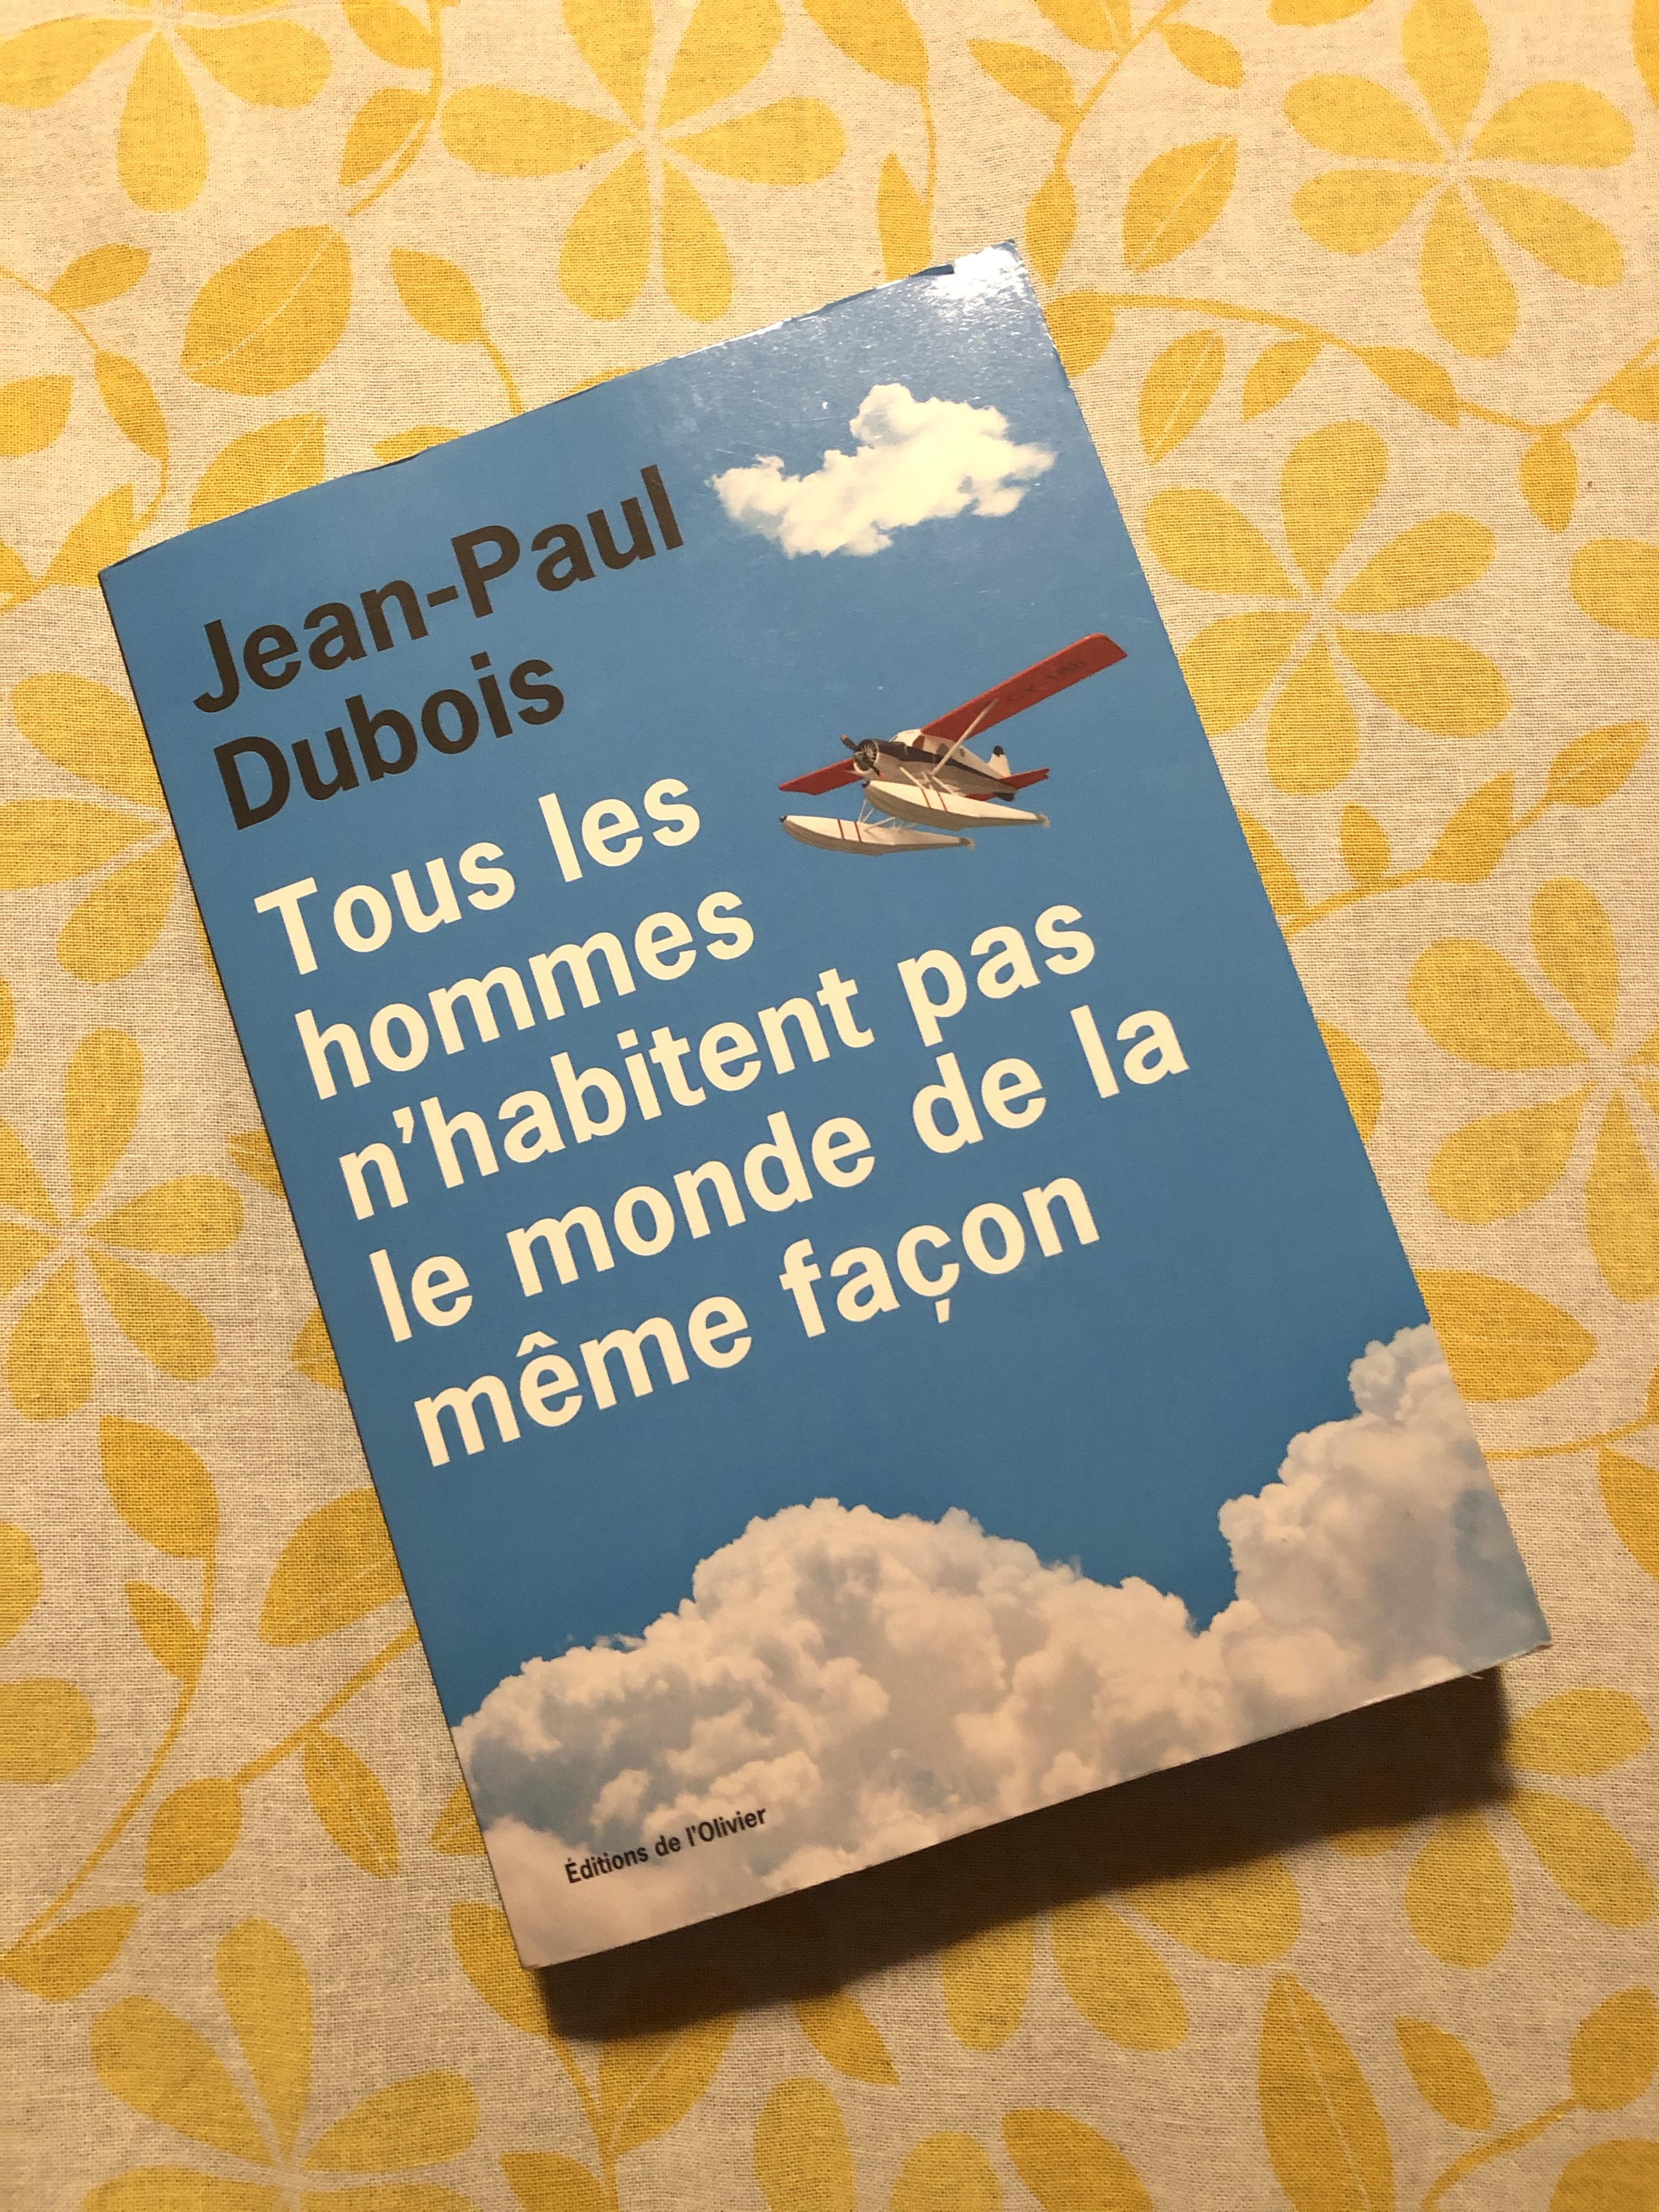 Jean Paul Dubois Tous Les Hommes : dubois, hommes, Hommes, N'habitent, Monde, Même, Façon, Jean-Paul, Dubois, Narre, Livre